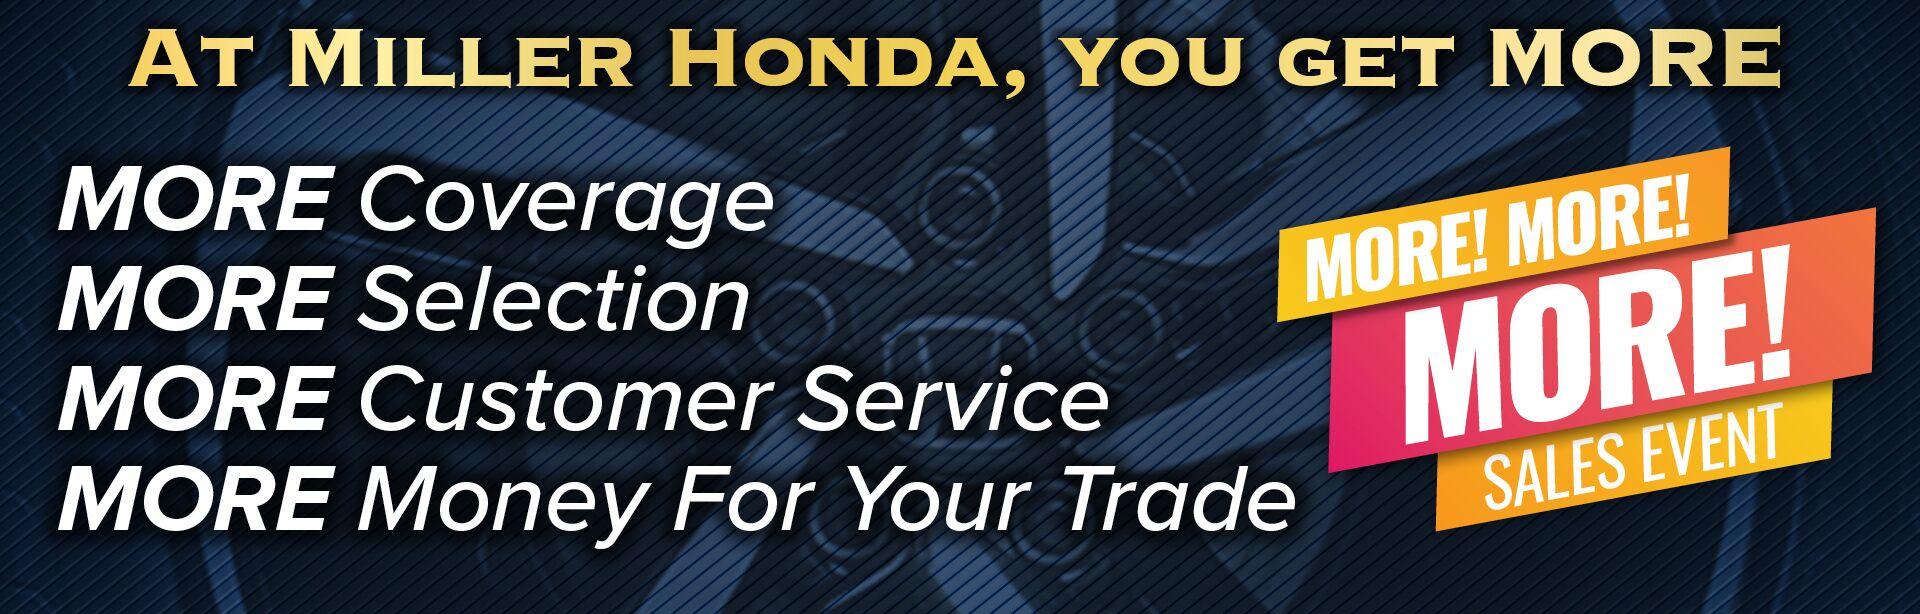 Why Buy From Miller Honda